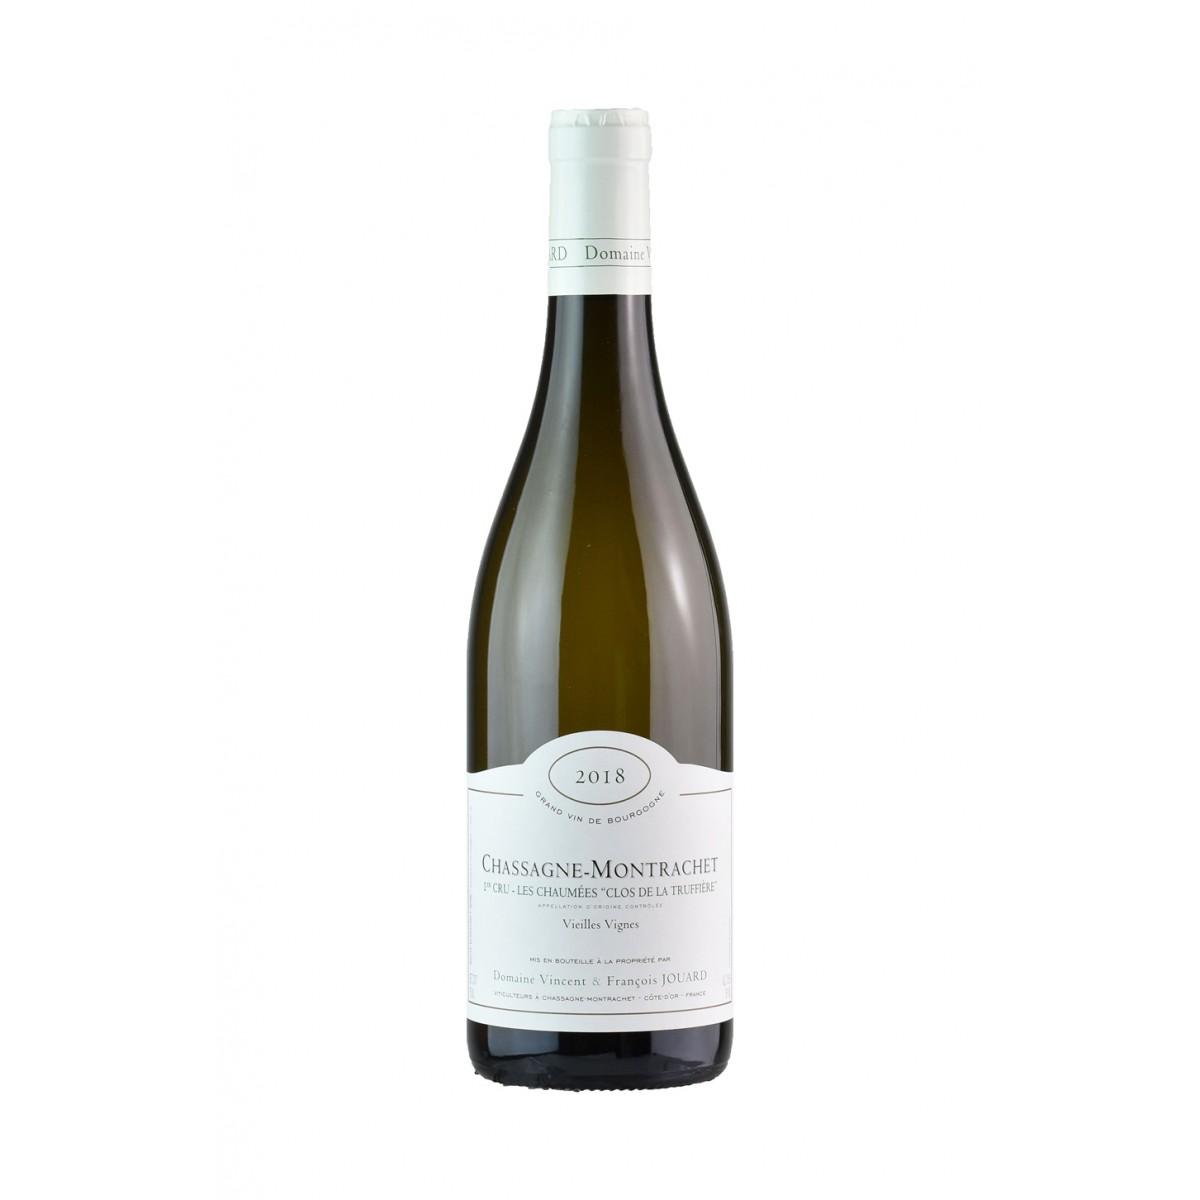 Chassagne Montrachet 1er Cru Les Chaumees Clos de la Truffiere Vieilles Vignes Blanc 2018 - Domaine Vincent & François Jouard